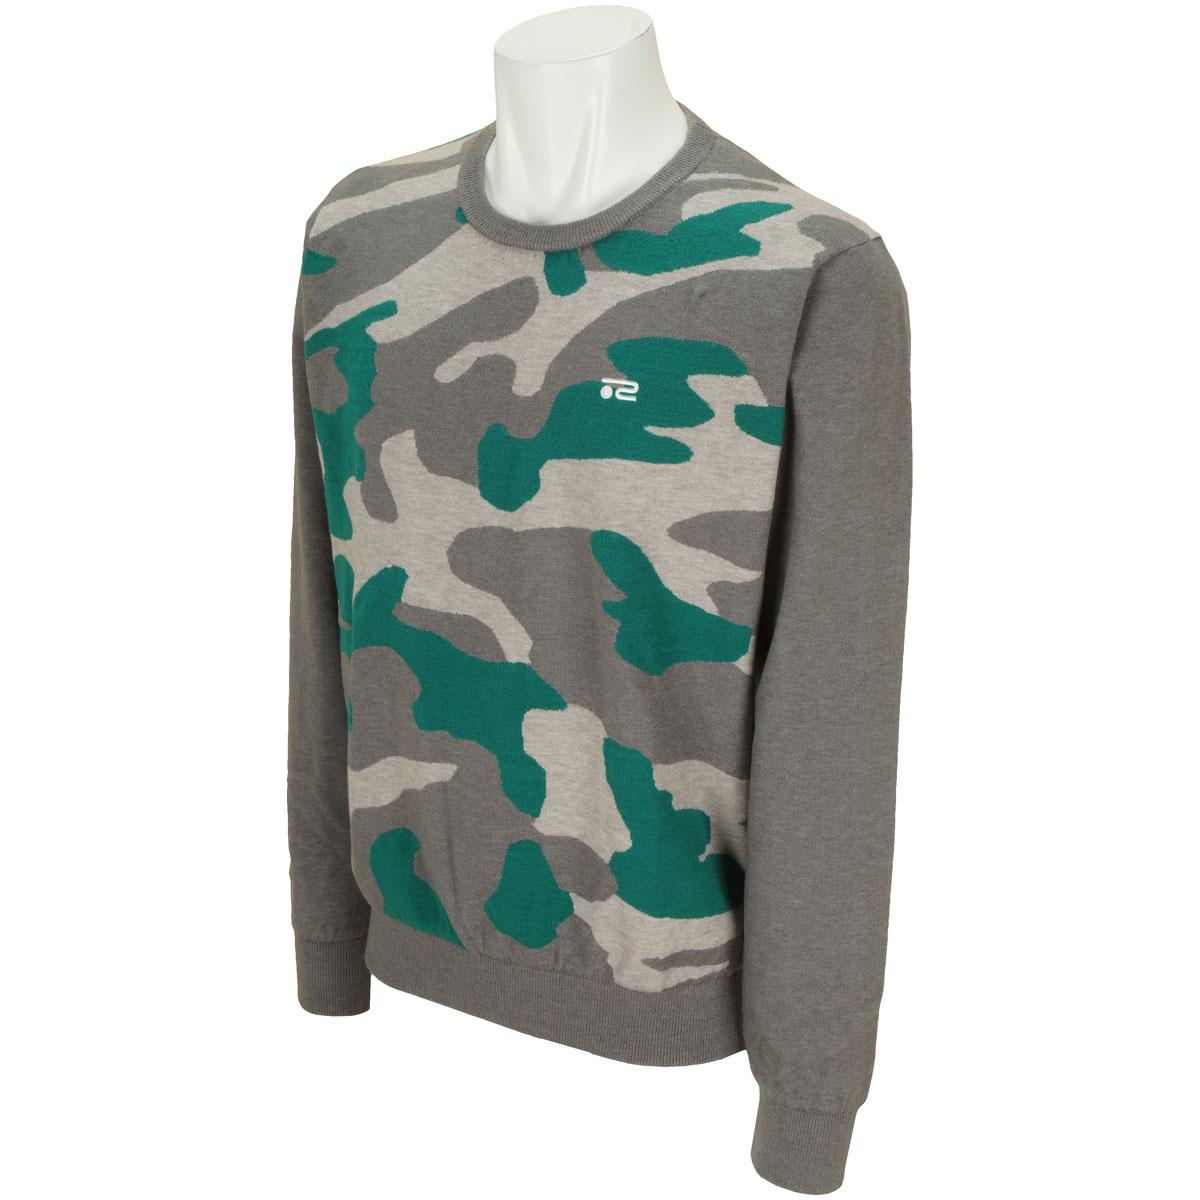 裏地付きセーター